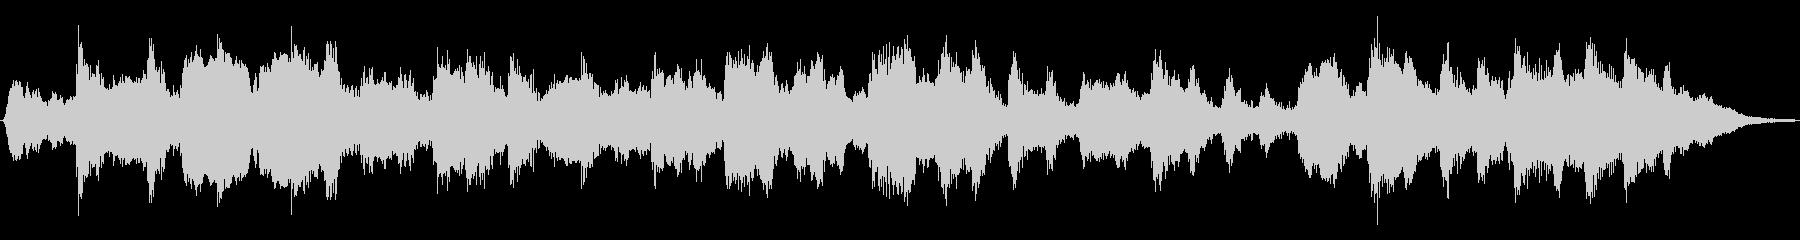 ボッケリーニのメヌエット弦楽五重奏の未再生の波形